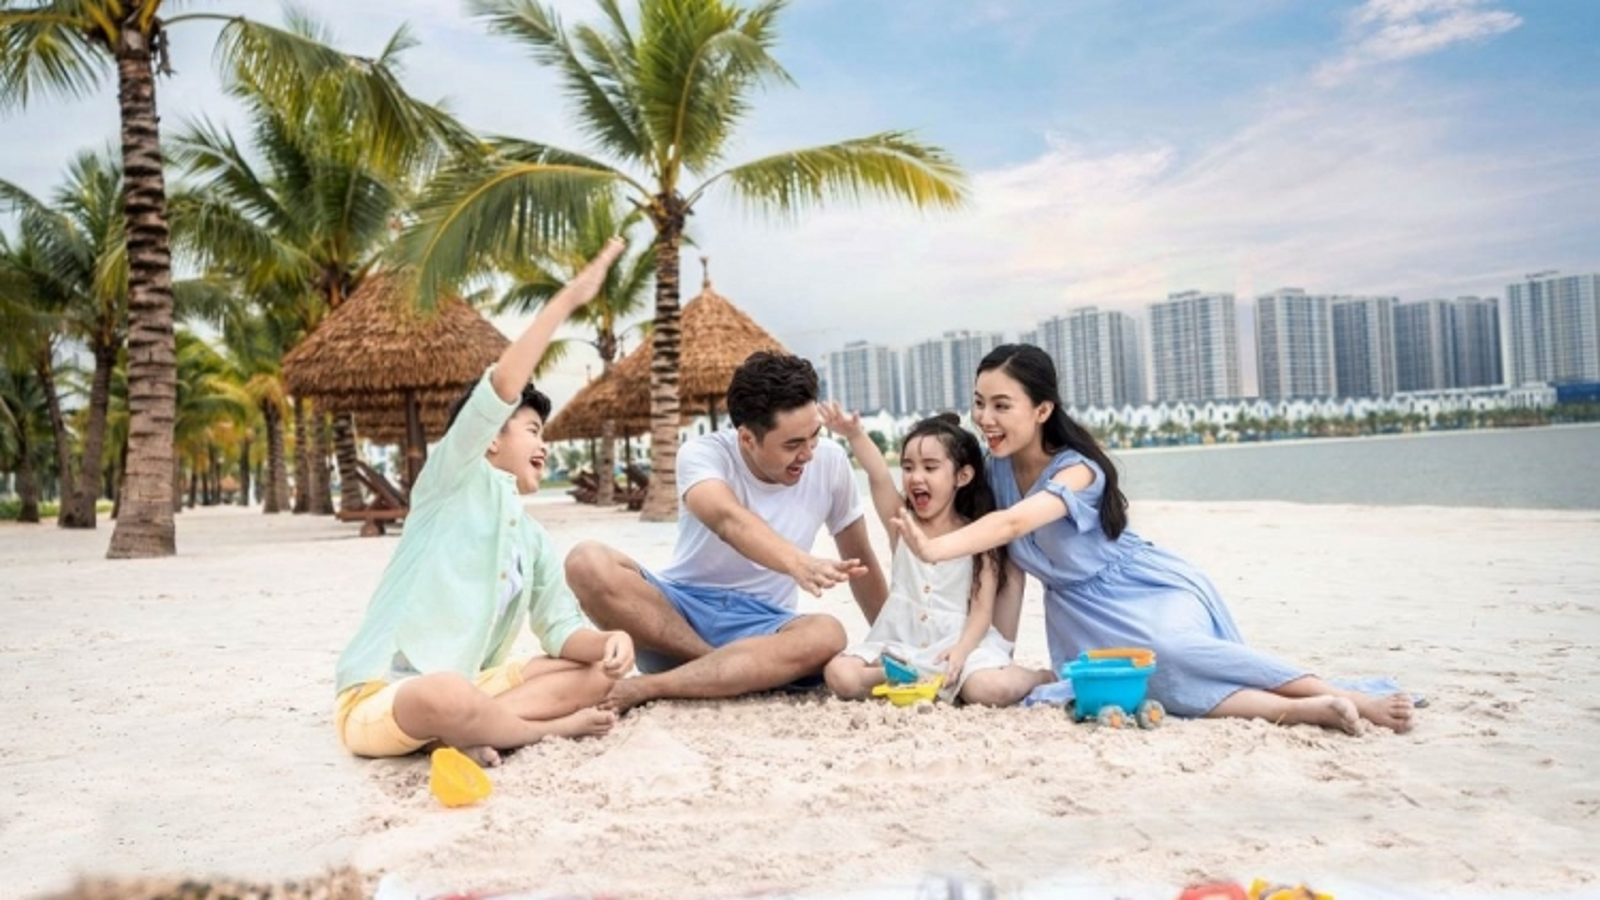 """Vợ chồng trẻ rời """"phố cũ"""" về """"thành phố mới"""" phía Đông Hà Nội tận hưởng cuộc sống"""